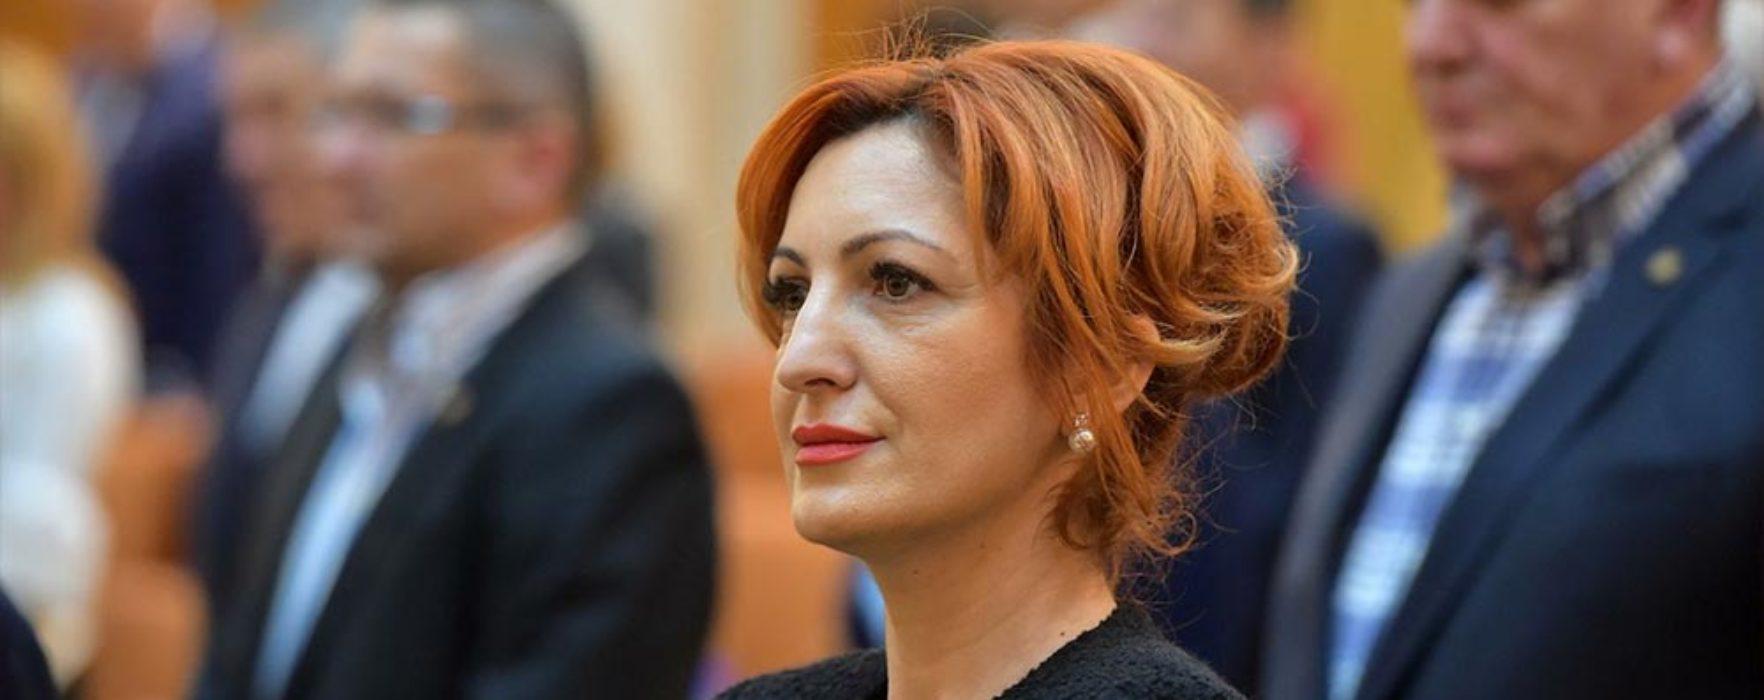 Oana Vlăducă (PSD): Isteria Opoziției este lipsită de orice explicații raționale